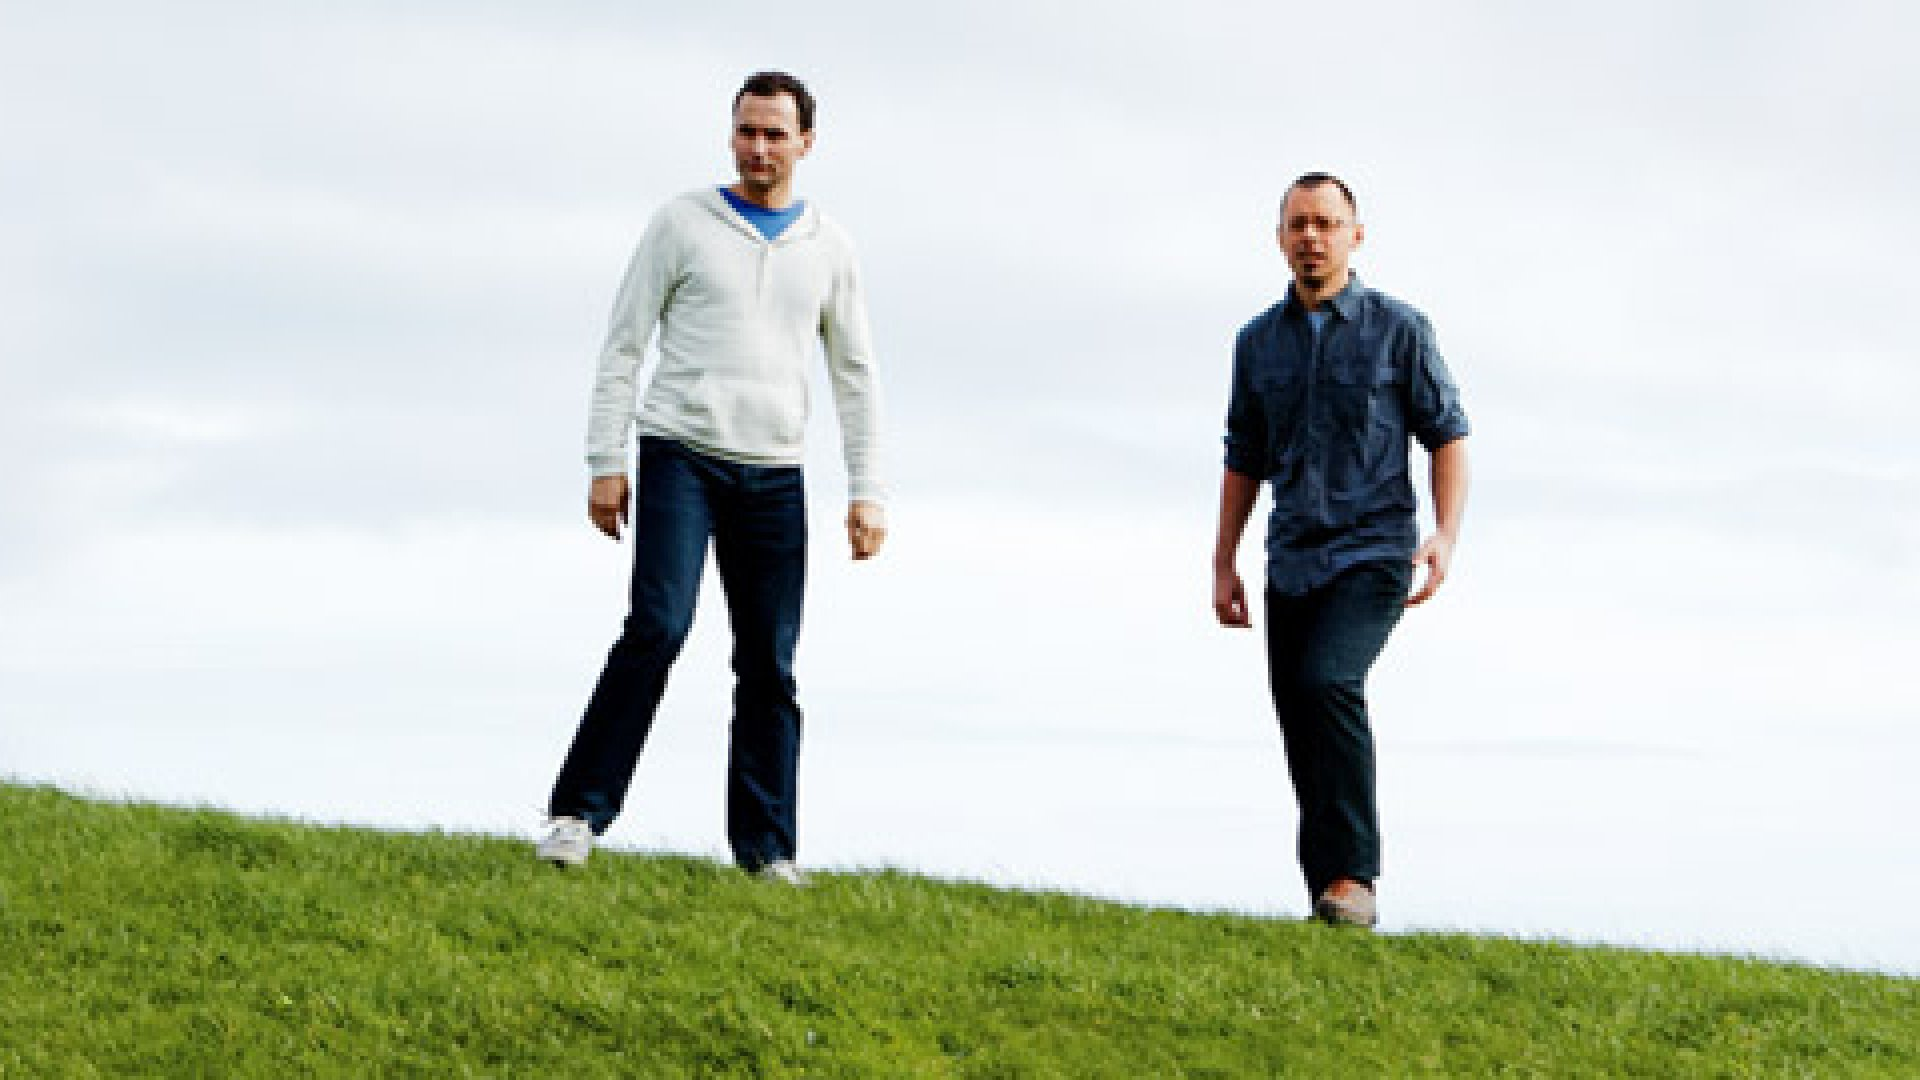 <strong>DIGITAL INDSUTRIALISTS</strong> Derek Elley (left) and David ten Have, founders of Ponoko, in their hometown of Wellington, New Zealand